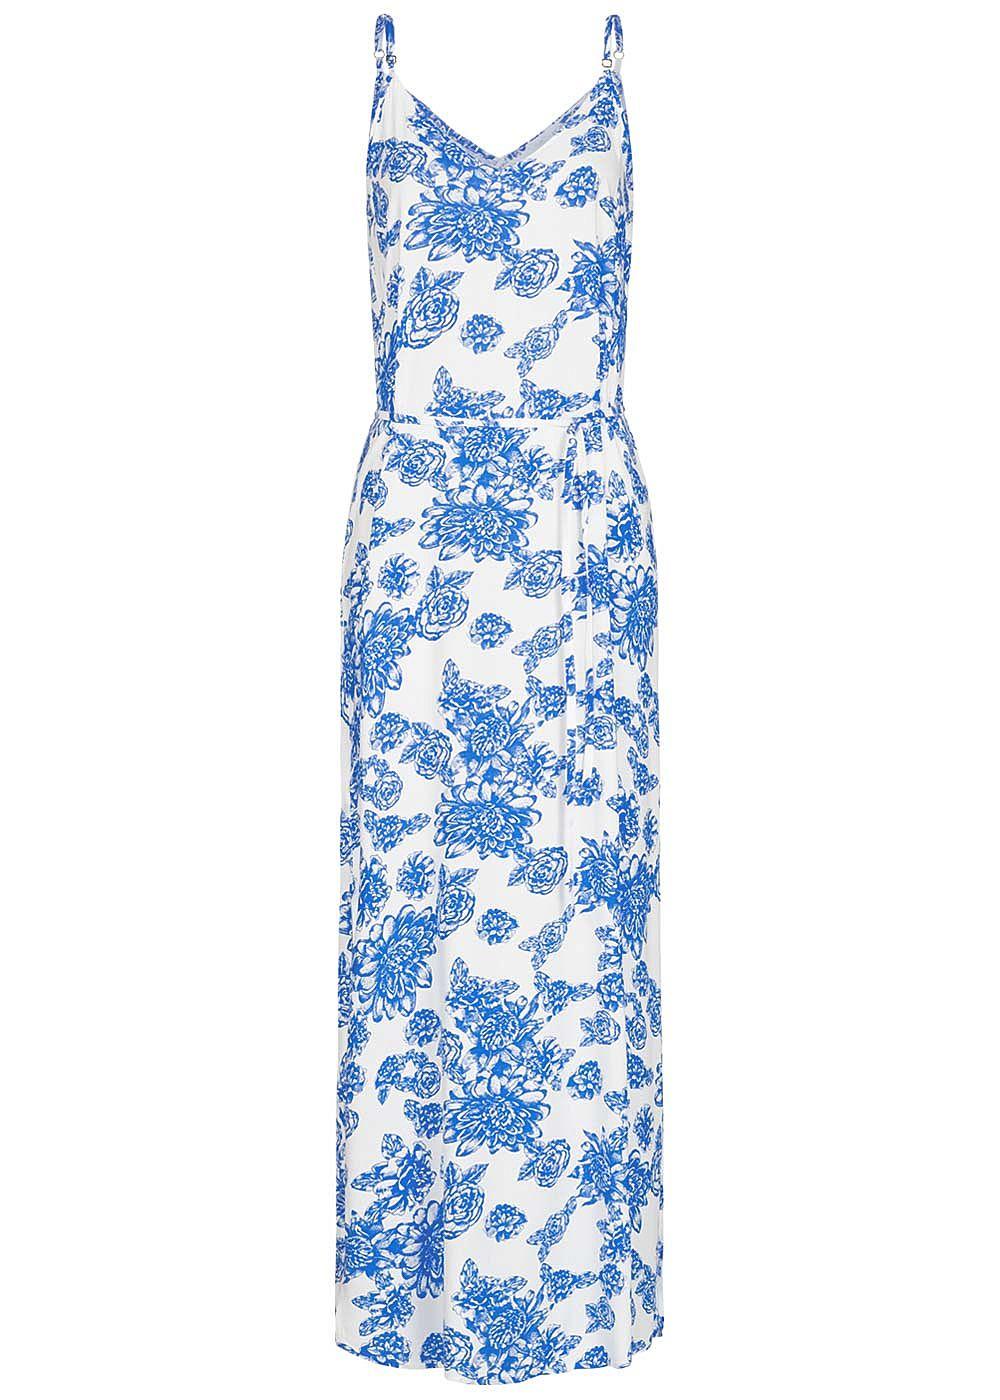 JDY by ONLY Damen V-Neck Maxi Kleid mit Bindegürtel Blumen Print